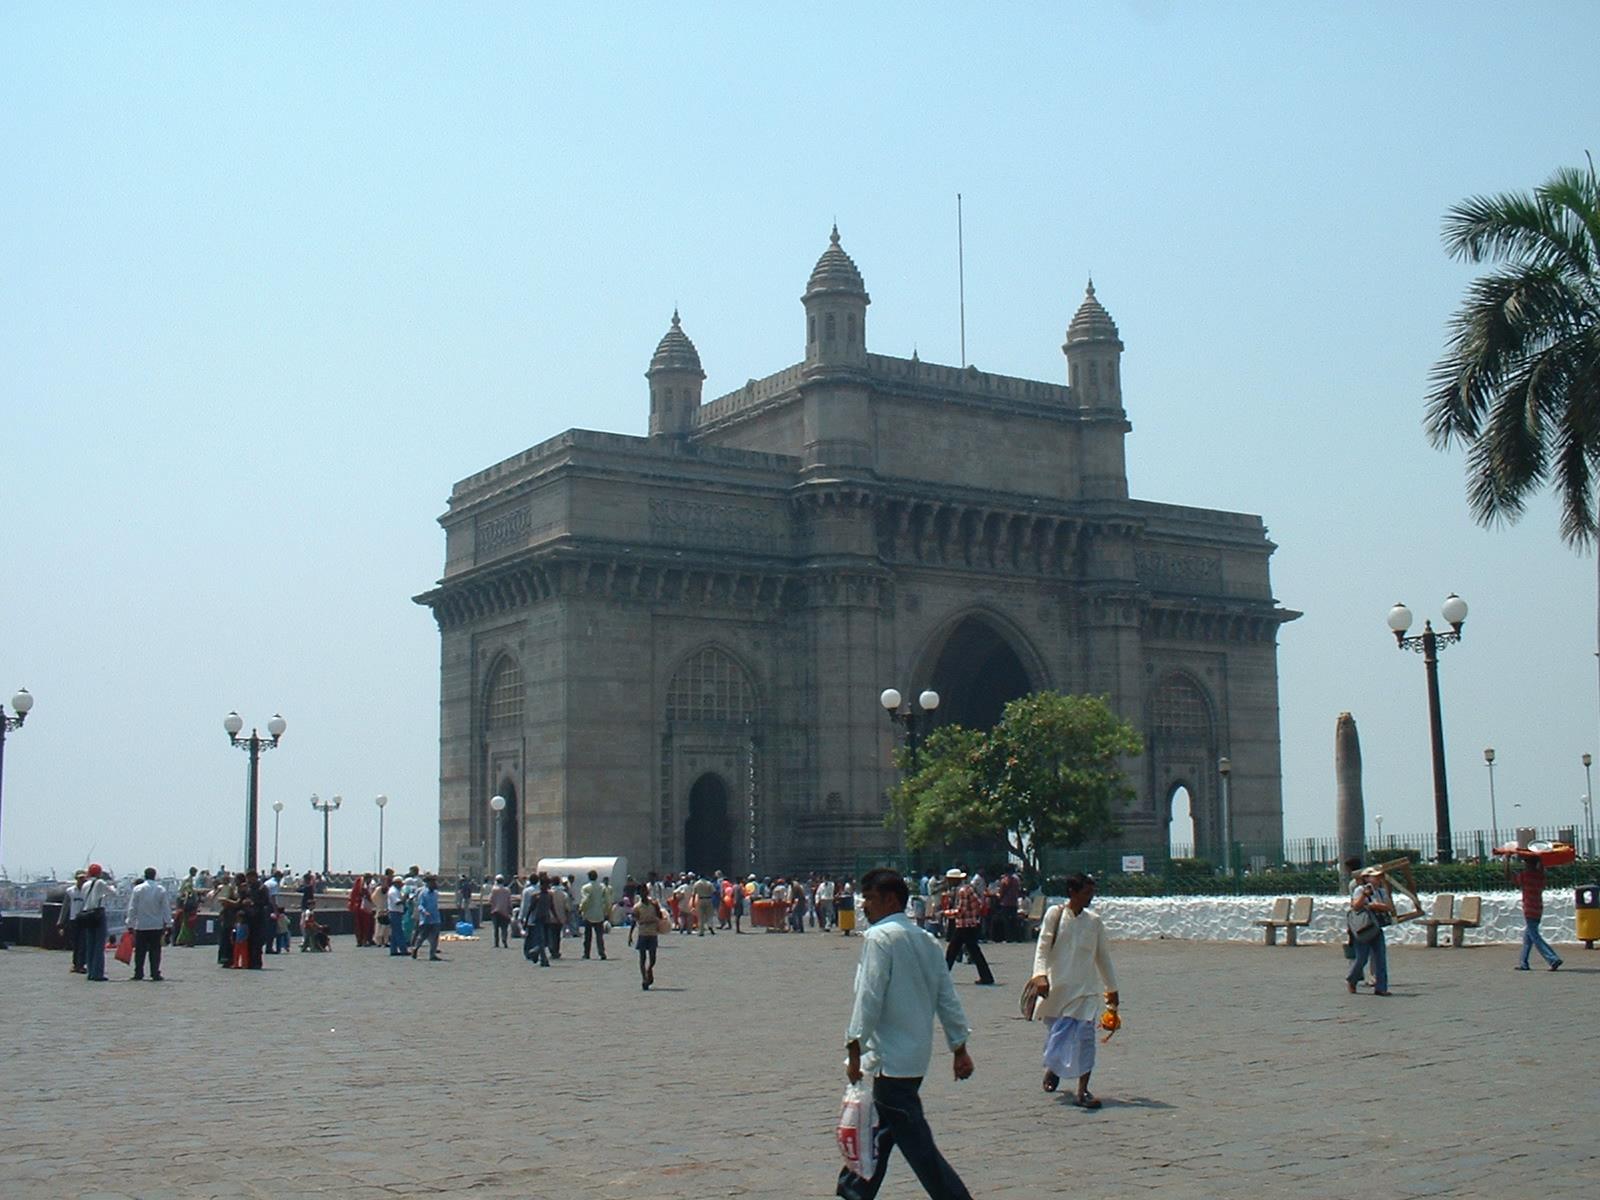 Mumbai (Bombay) Gateway of India